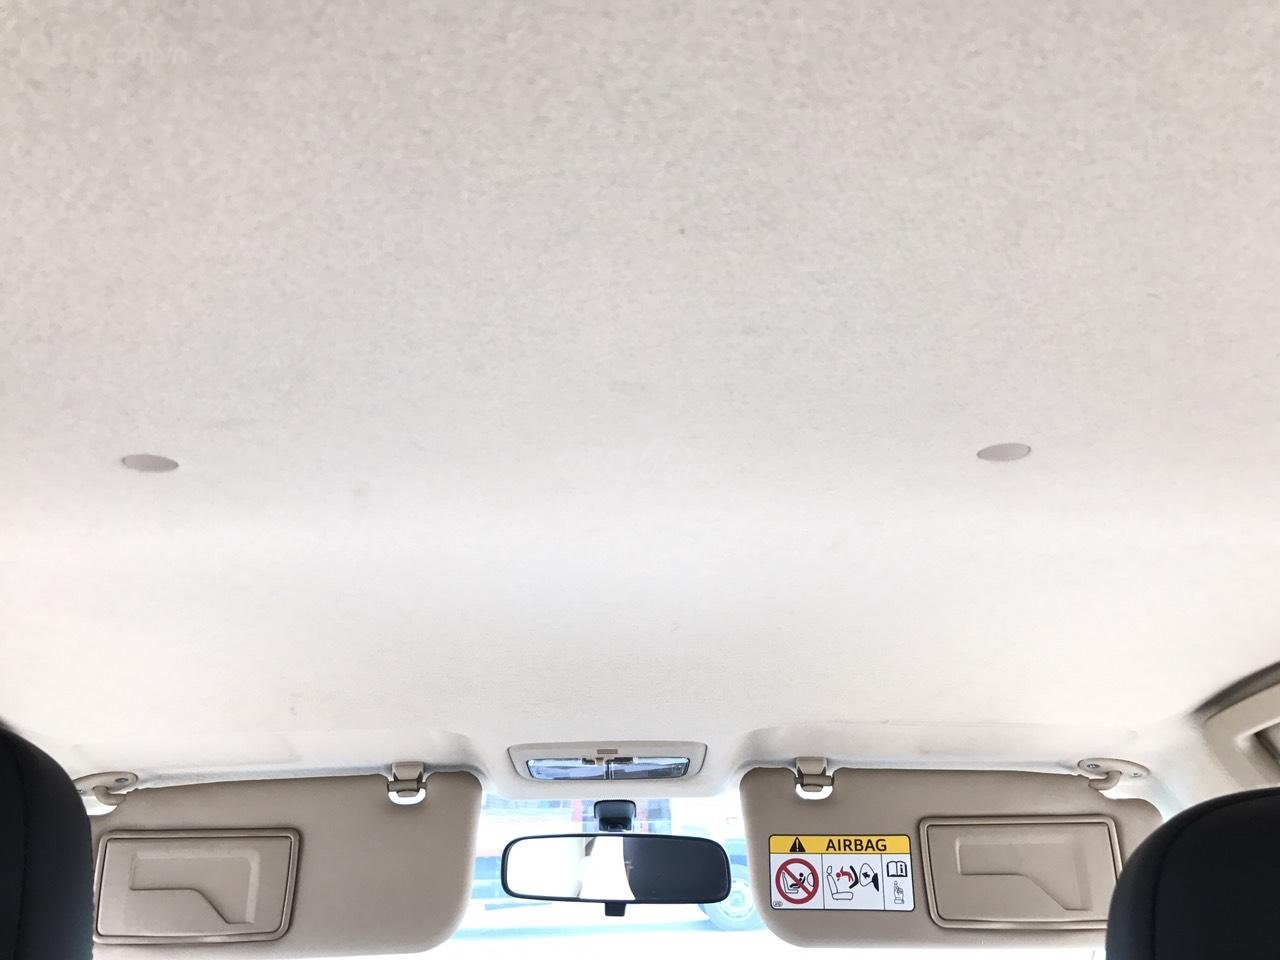 Bán xe Toyota Vios 1.5E CVT 2017, màu bạc, 1 chủ không lỗi nhỏ, xe mới cứng (22)